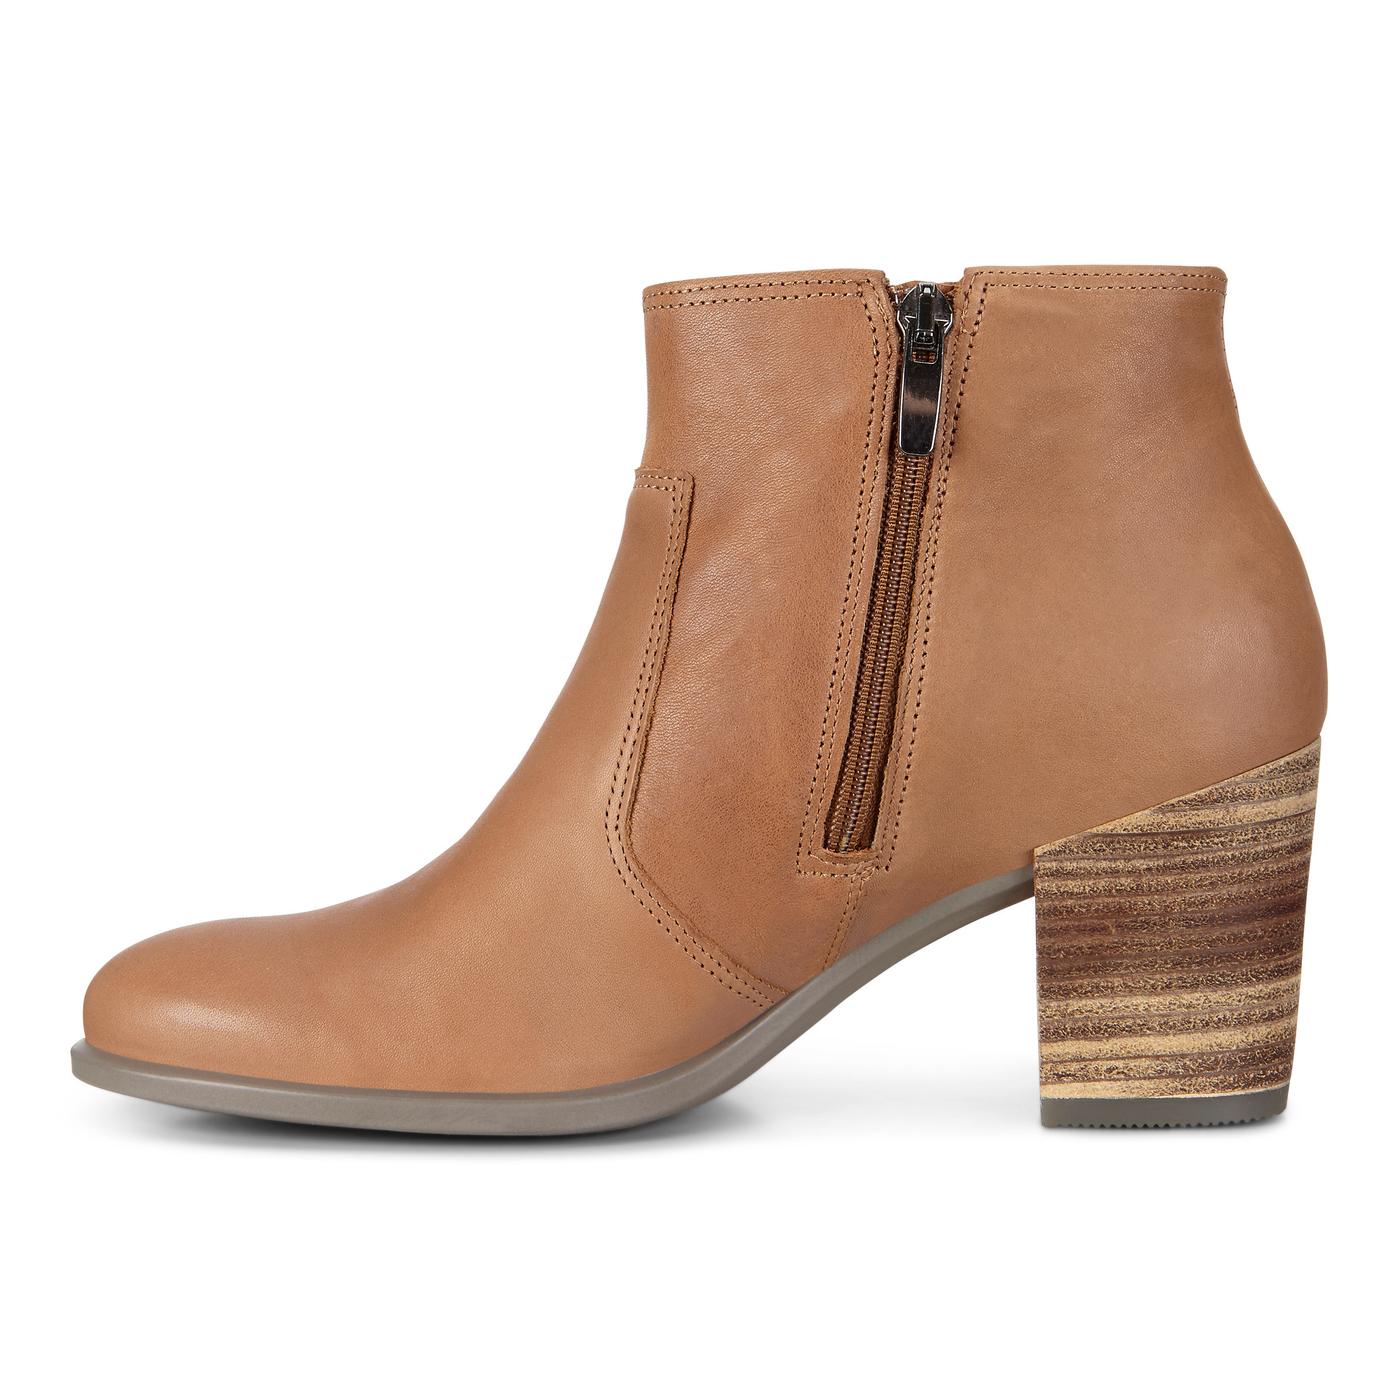 ECCO SHAPE 55 Chelsea Boot